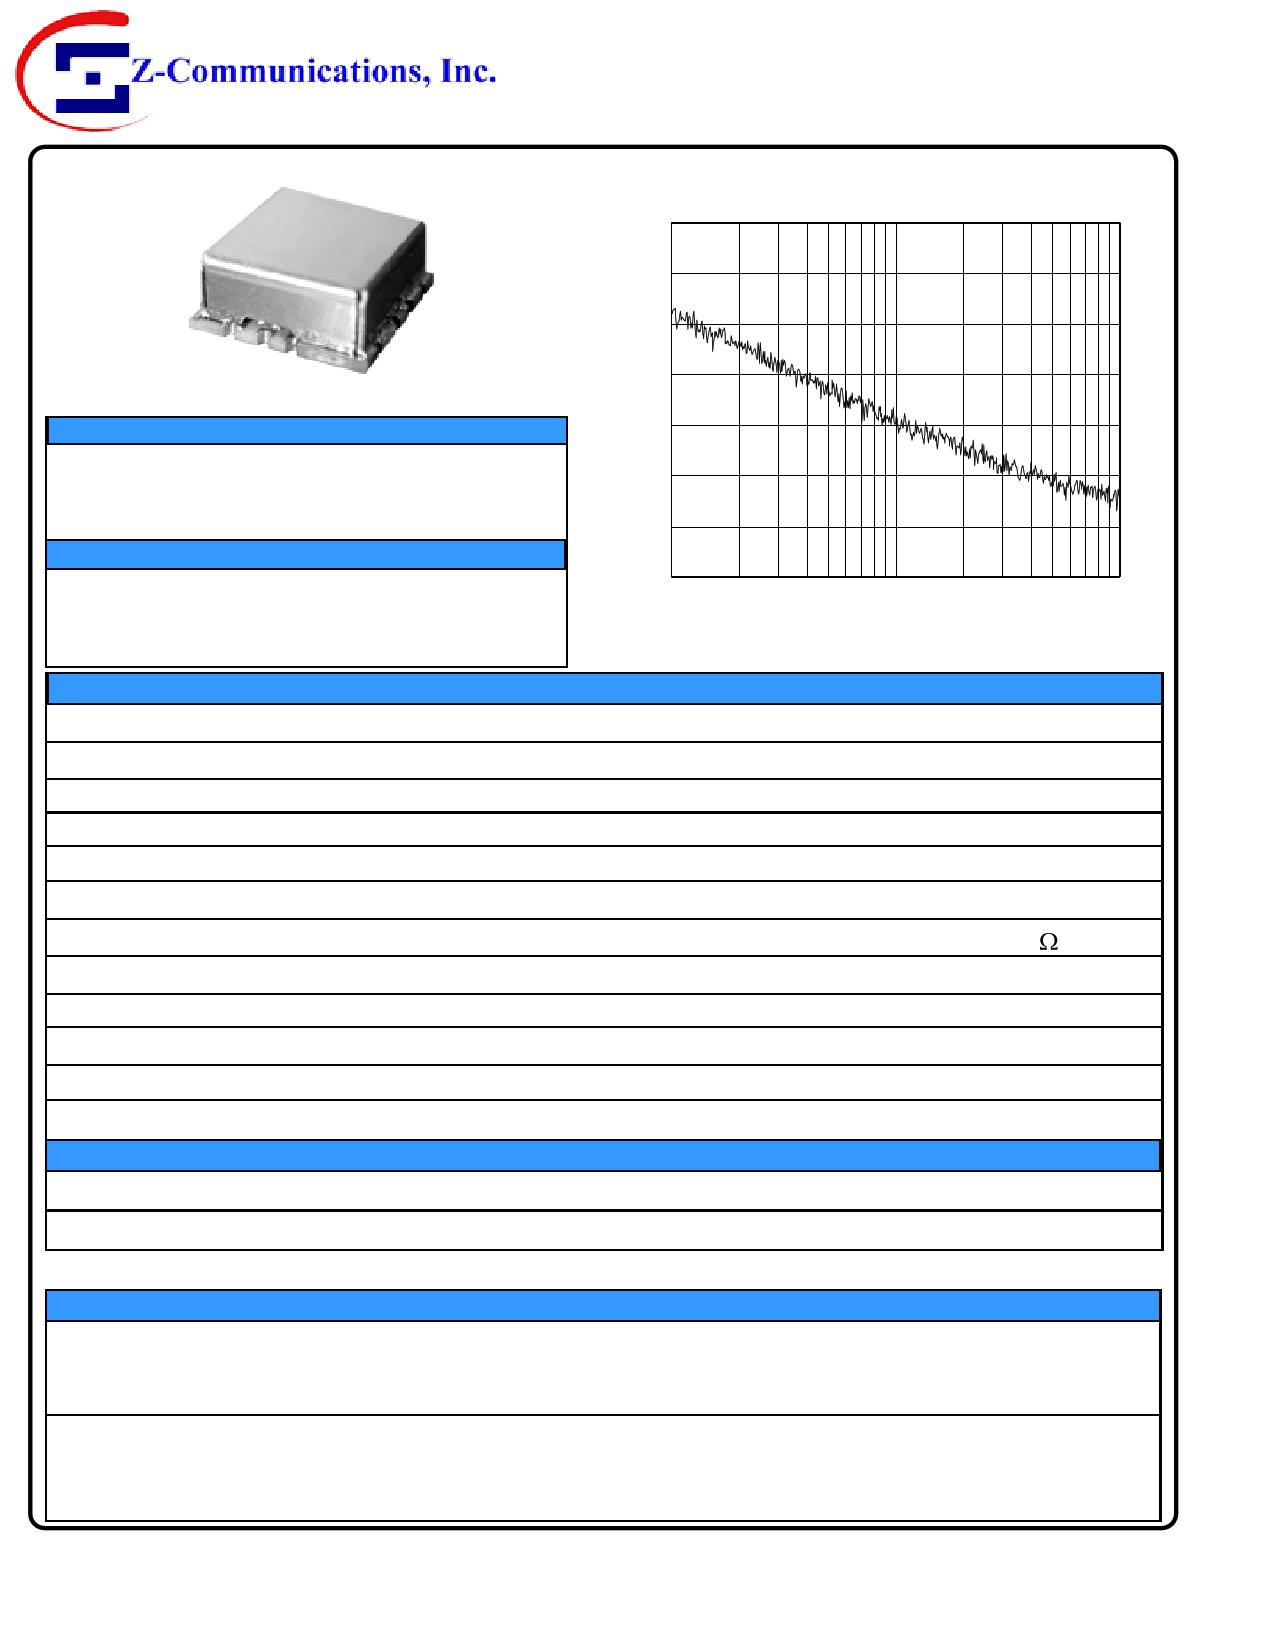 V044ME01-LF Datasheet, V044ME01-LF PDF,ピン配置, 機能